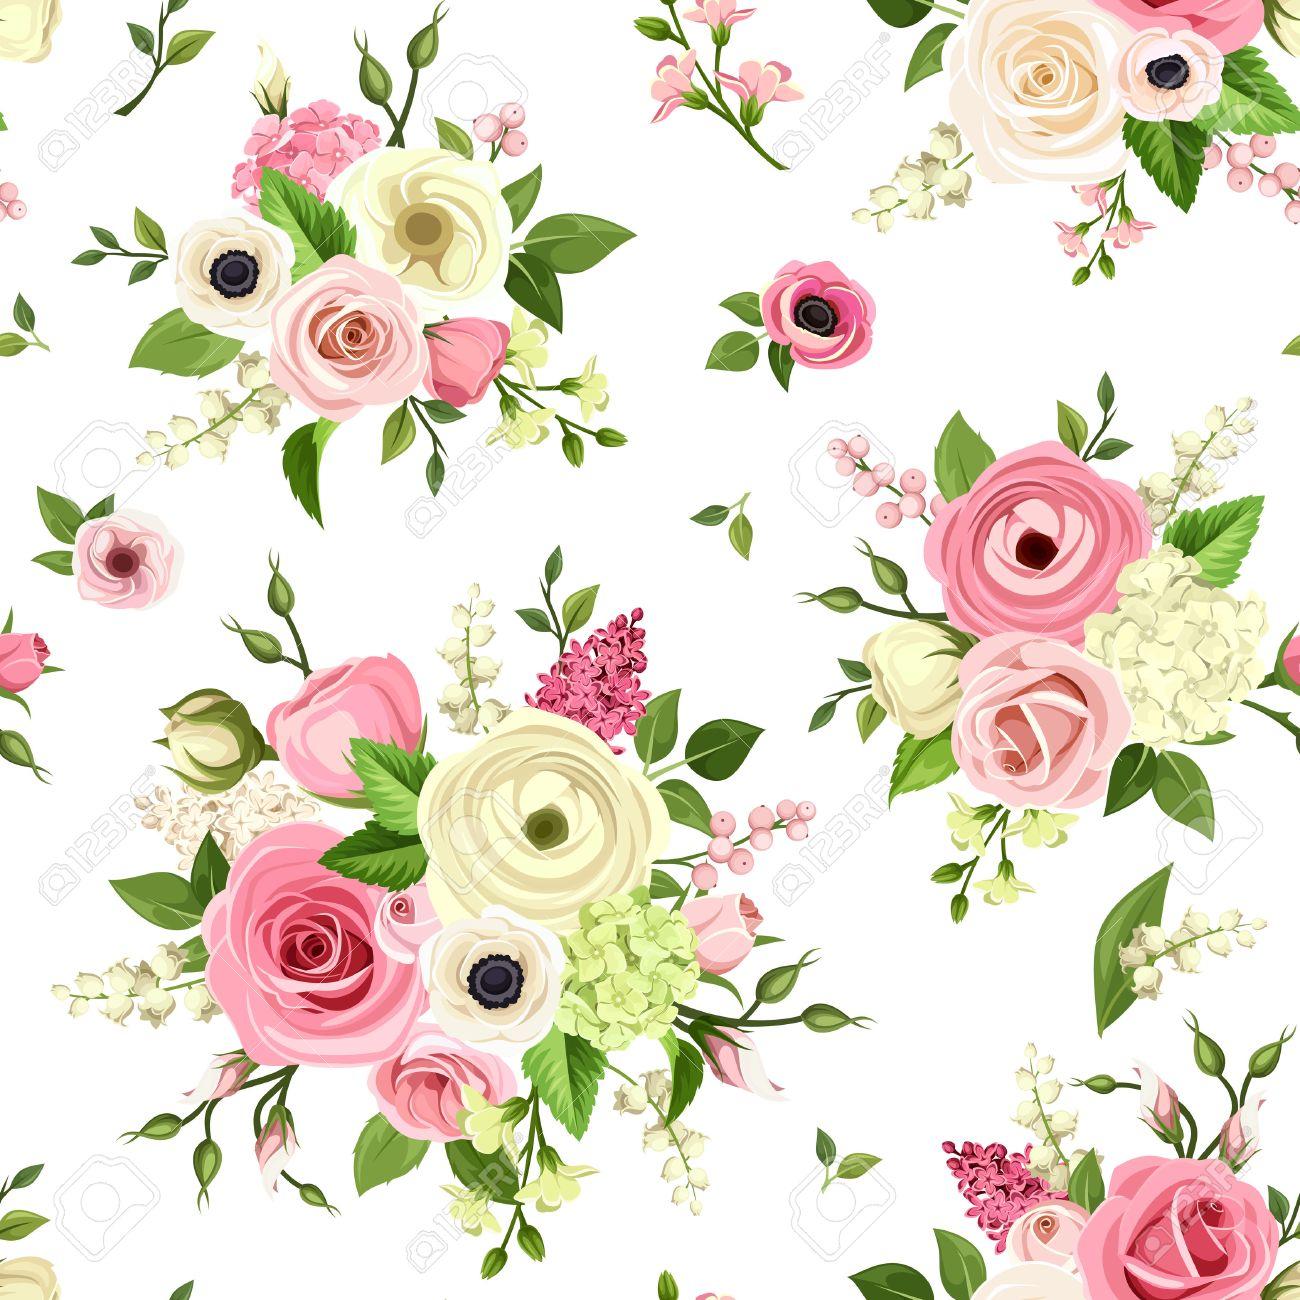 Bien-aimé Vector Seamless Pattern Avec Des Fleurs Roses Et Blanches Sur Un  XI05